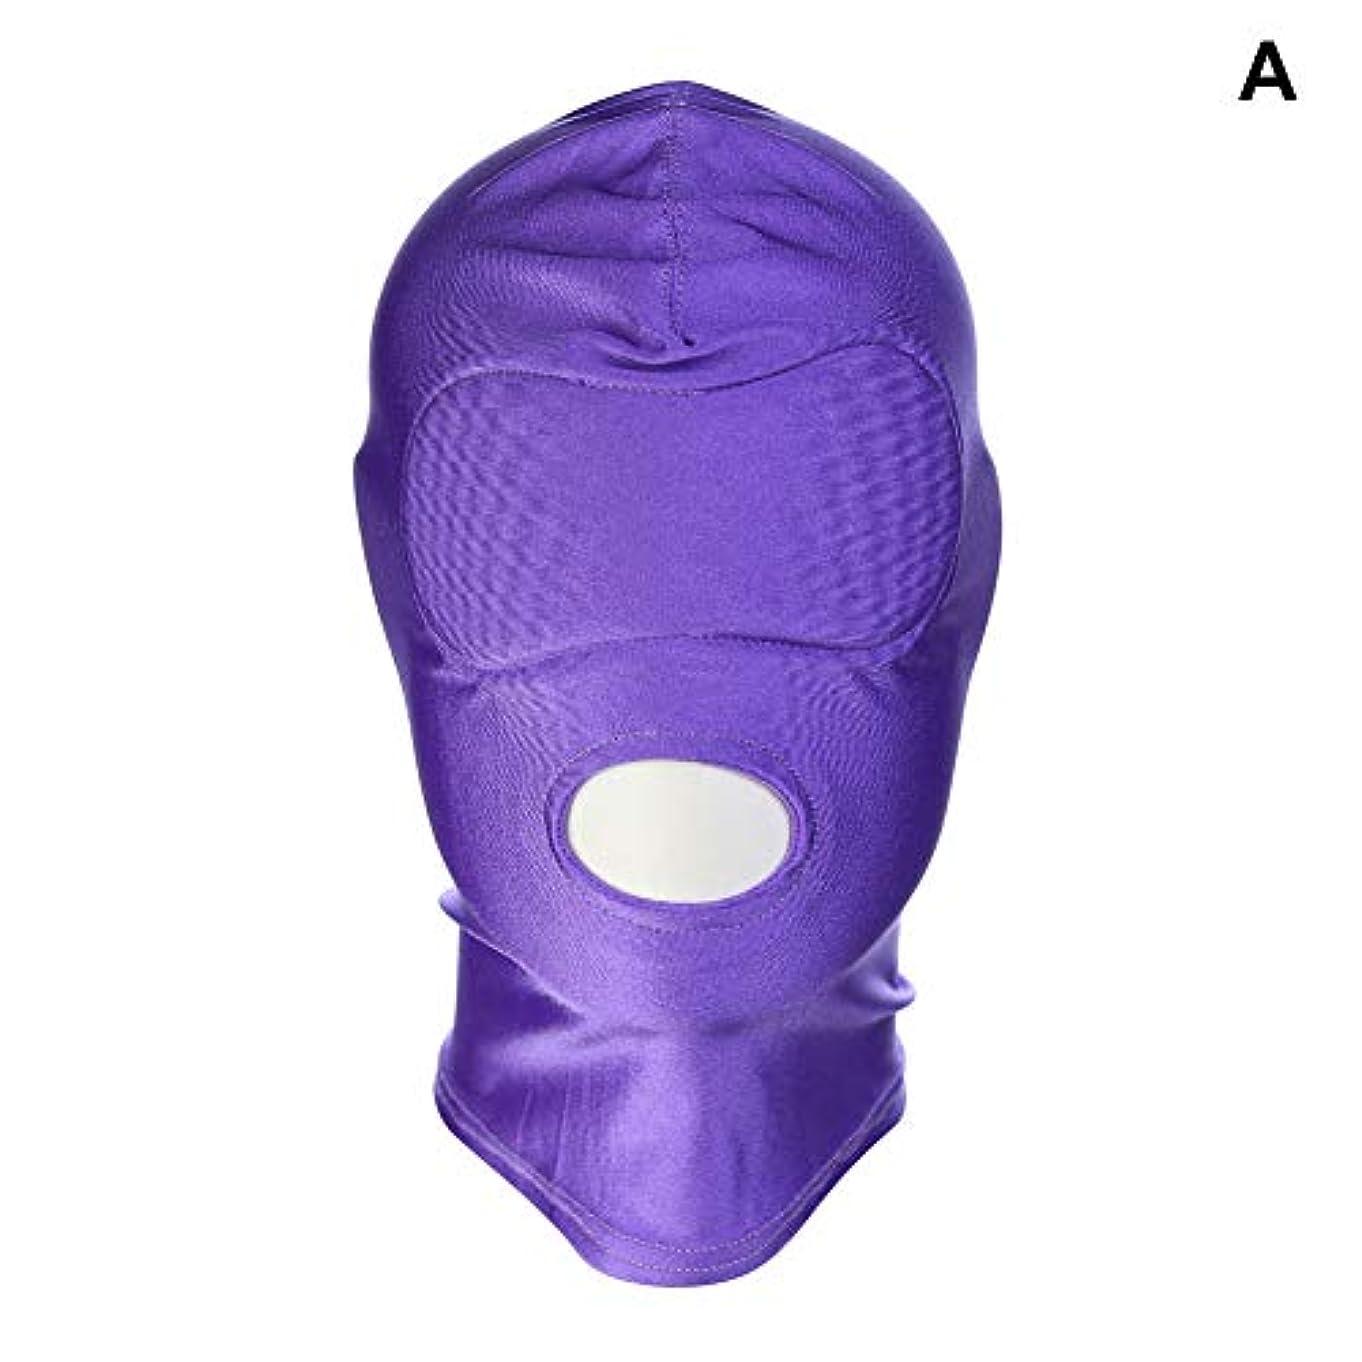 愛情不規則性八百屋さんAlligado 1ピースマスクフードセックスグッズ製品ゲームコスプレボンデージヘッドギア安全なハロウィーンギフト